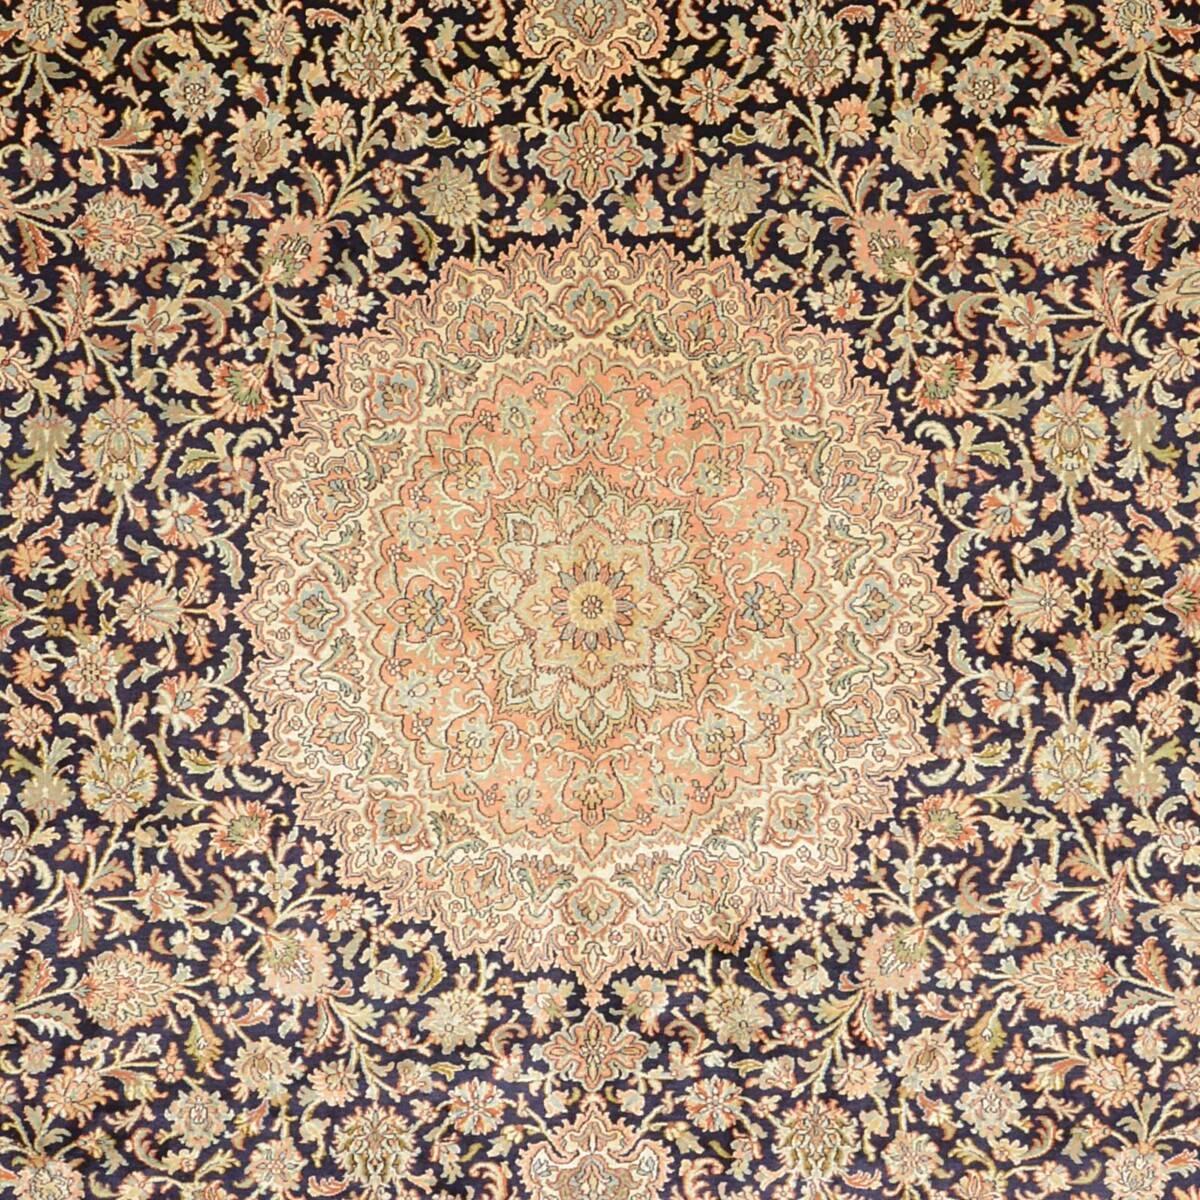 Dywan Jedwabny Heritage Silk 300 x 245 65661